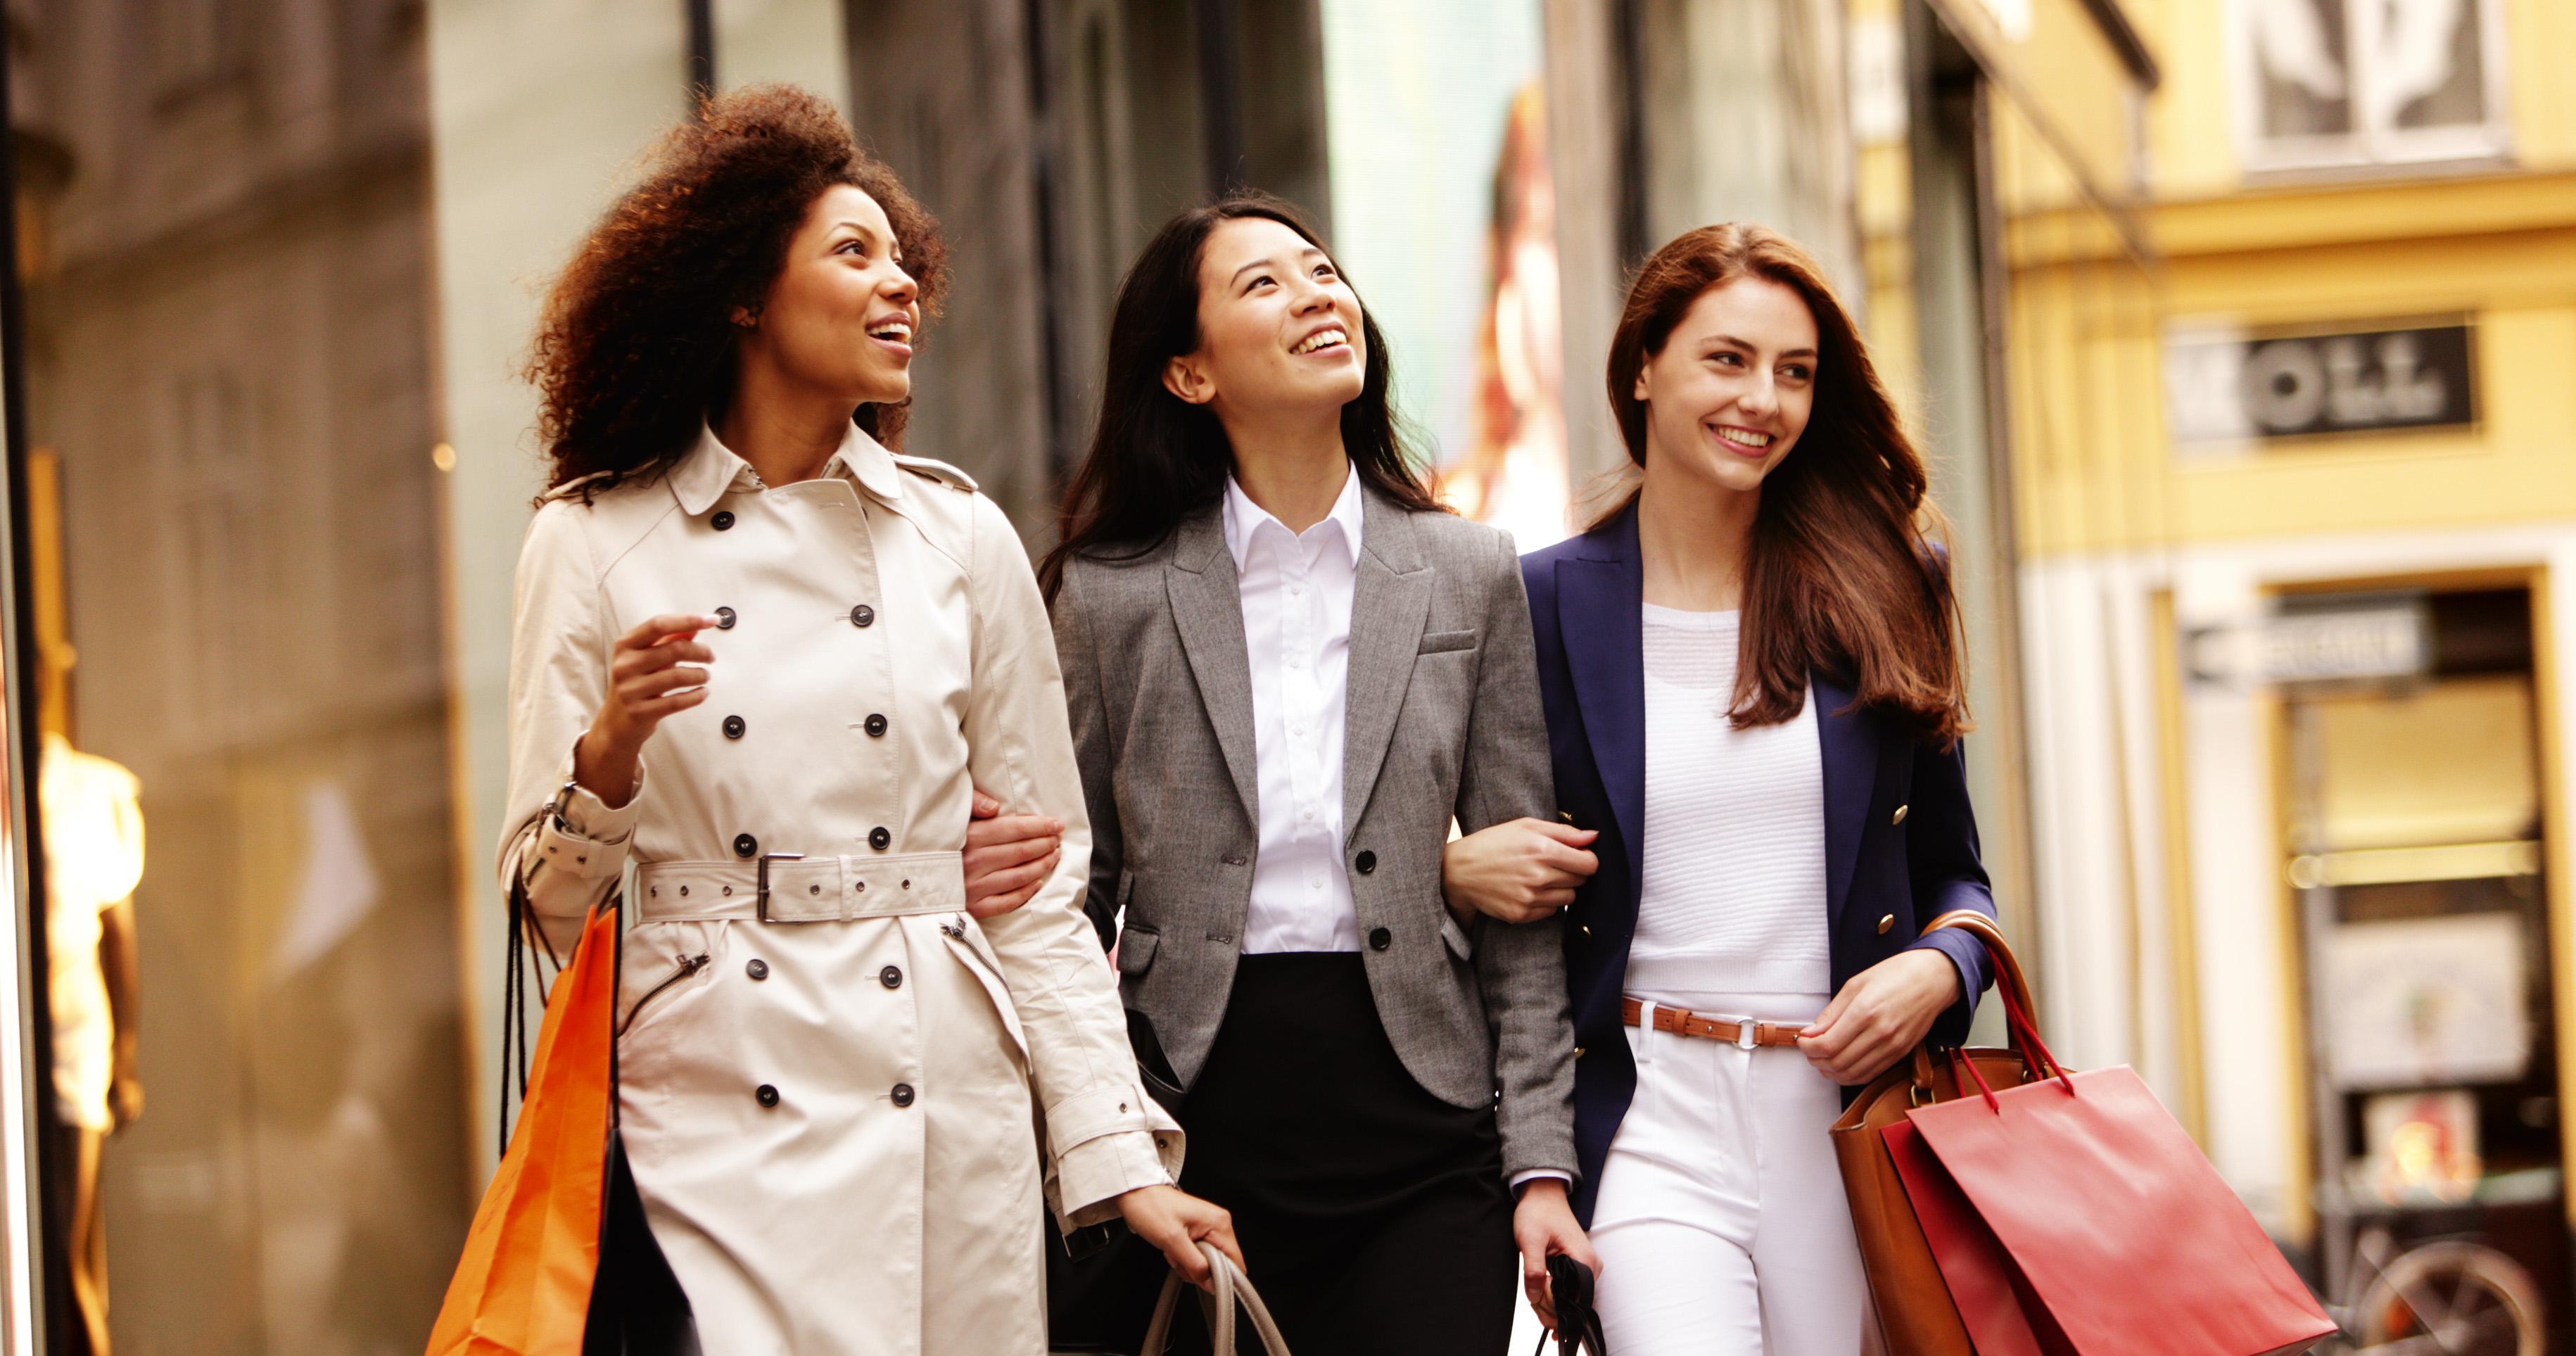 40756-menschen-beim-einkaufen-shopping-altstadt-luxus-goldenes-quartier-tuchlauben-19to1